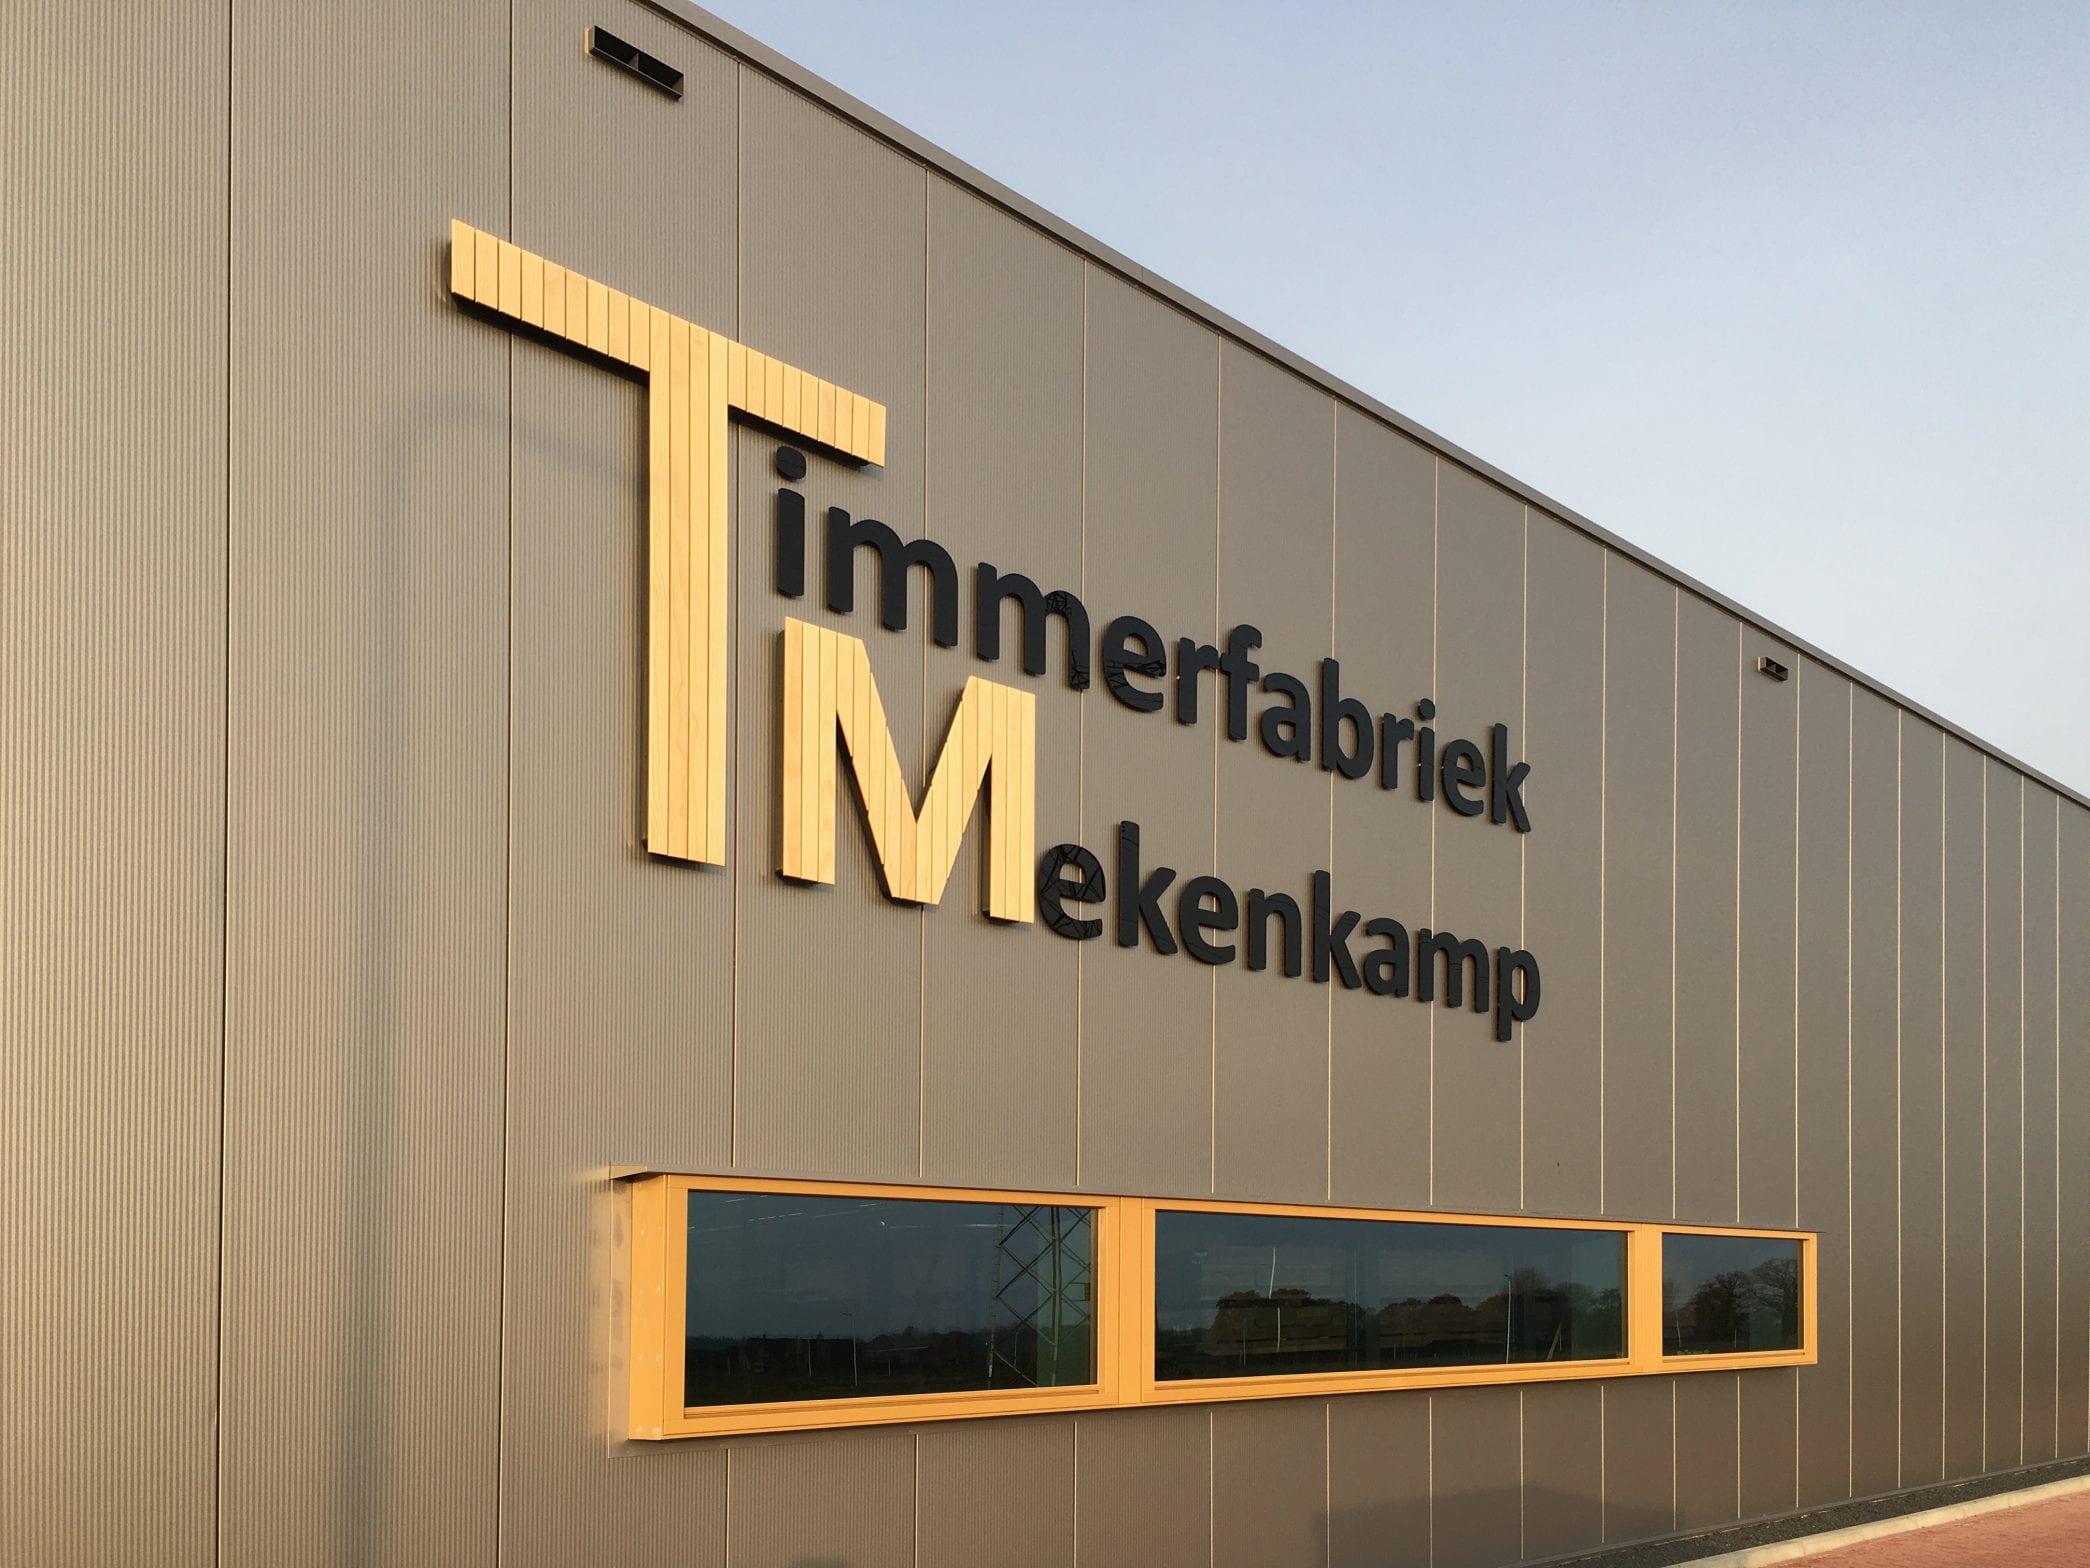 Nieuwe timmerfabriek Mekenkamp Raalte